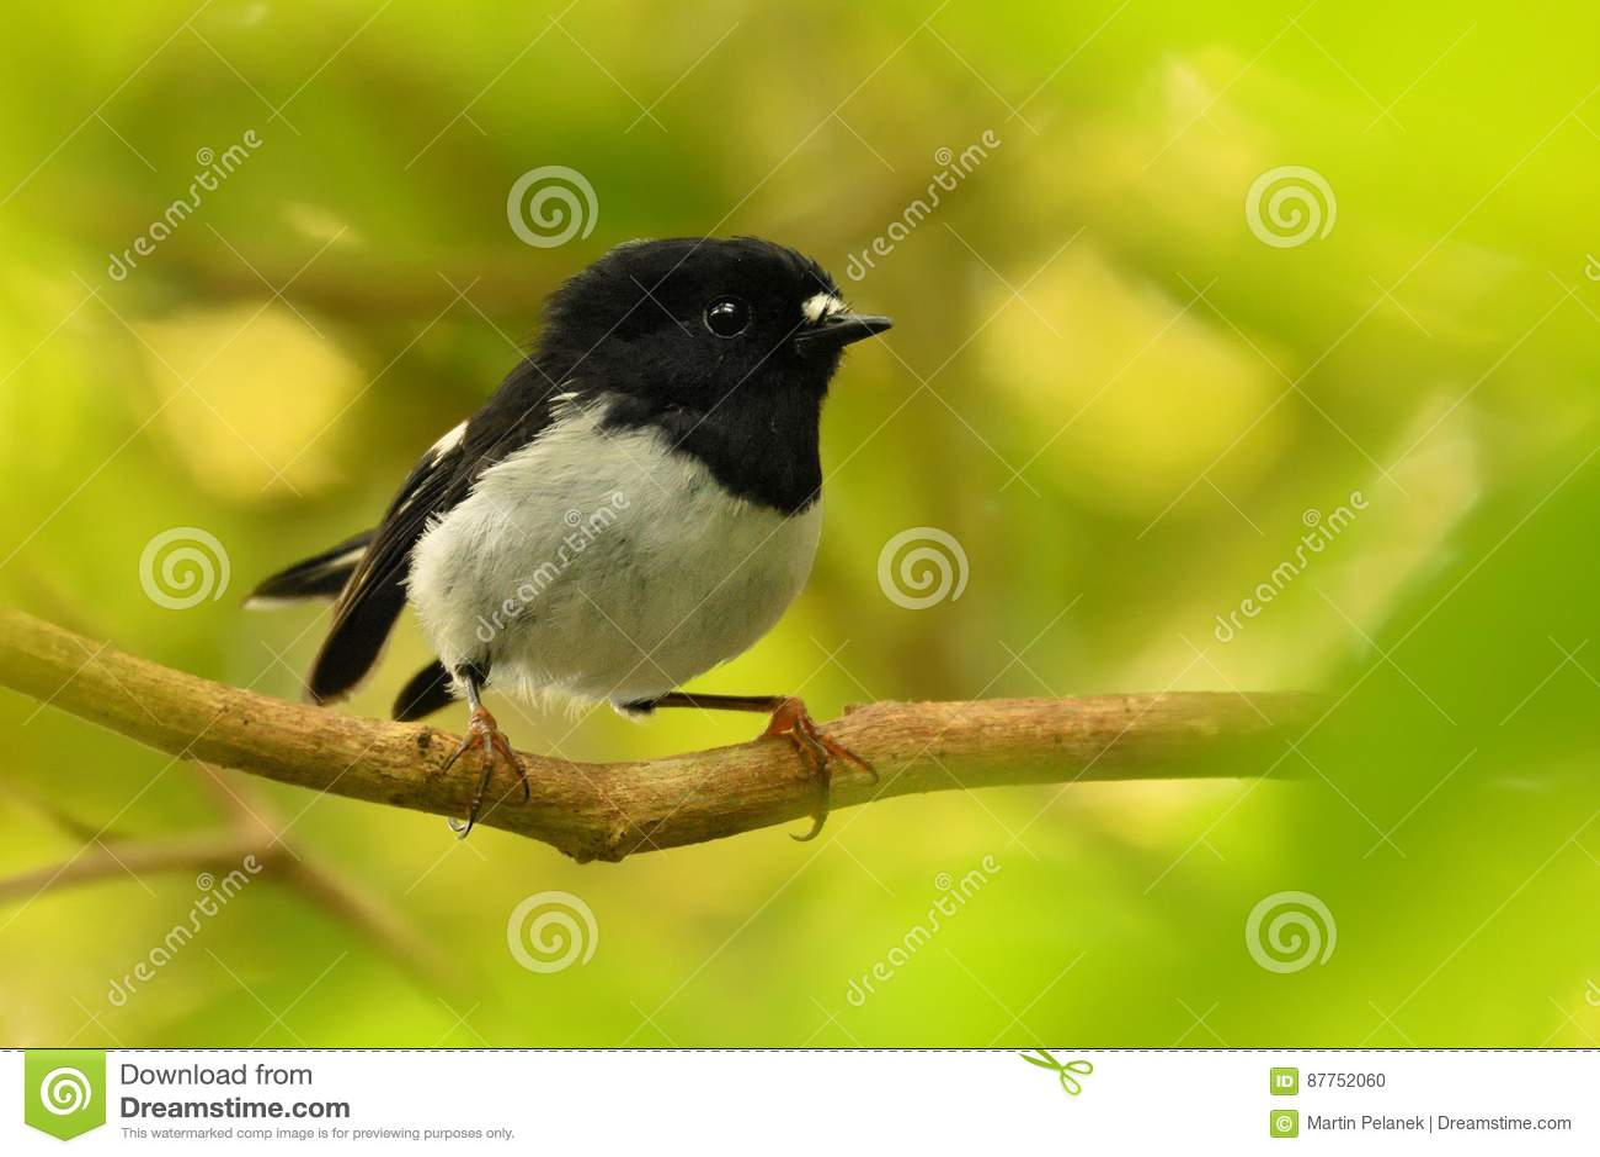 Toitoi van Petroicamacrocephala - het Noordeneiland Tomtit - miromiro - de endemische bosvogel van Nieuw Zeeland